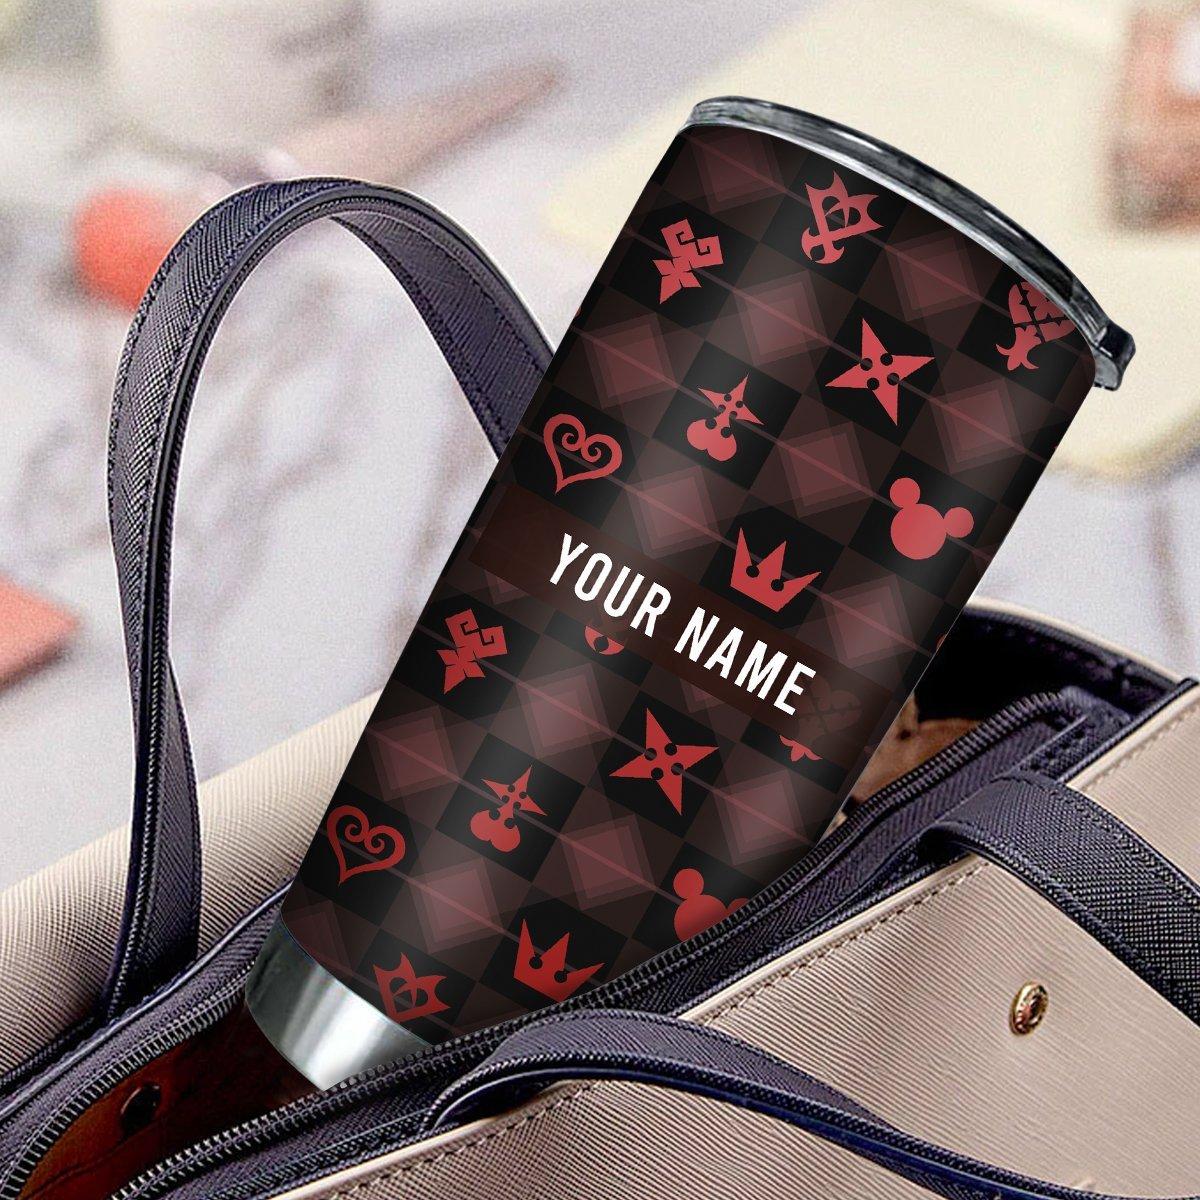 personalized khearts pattern tumbler 235075 - Otaku Treat